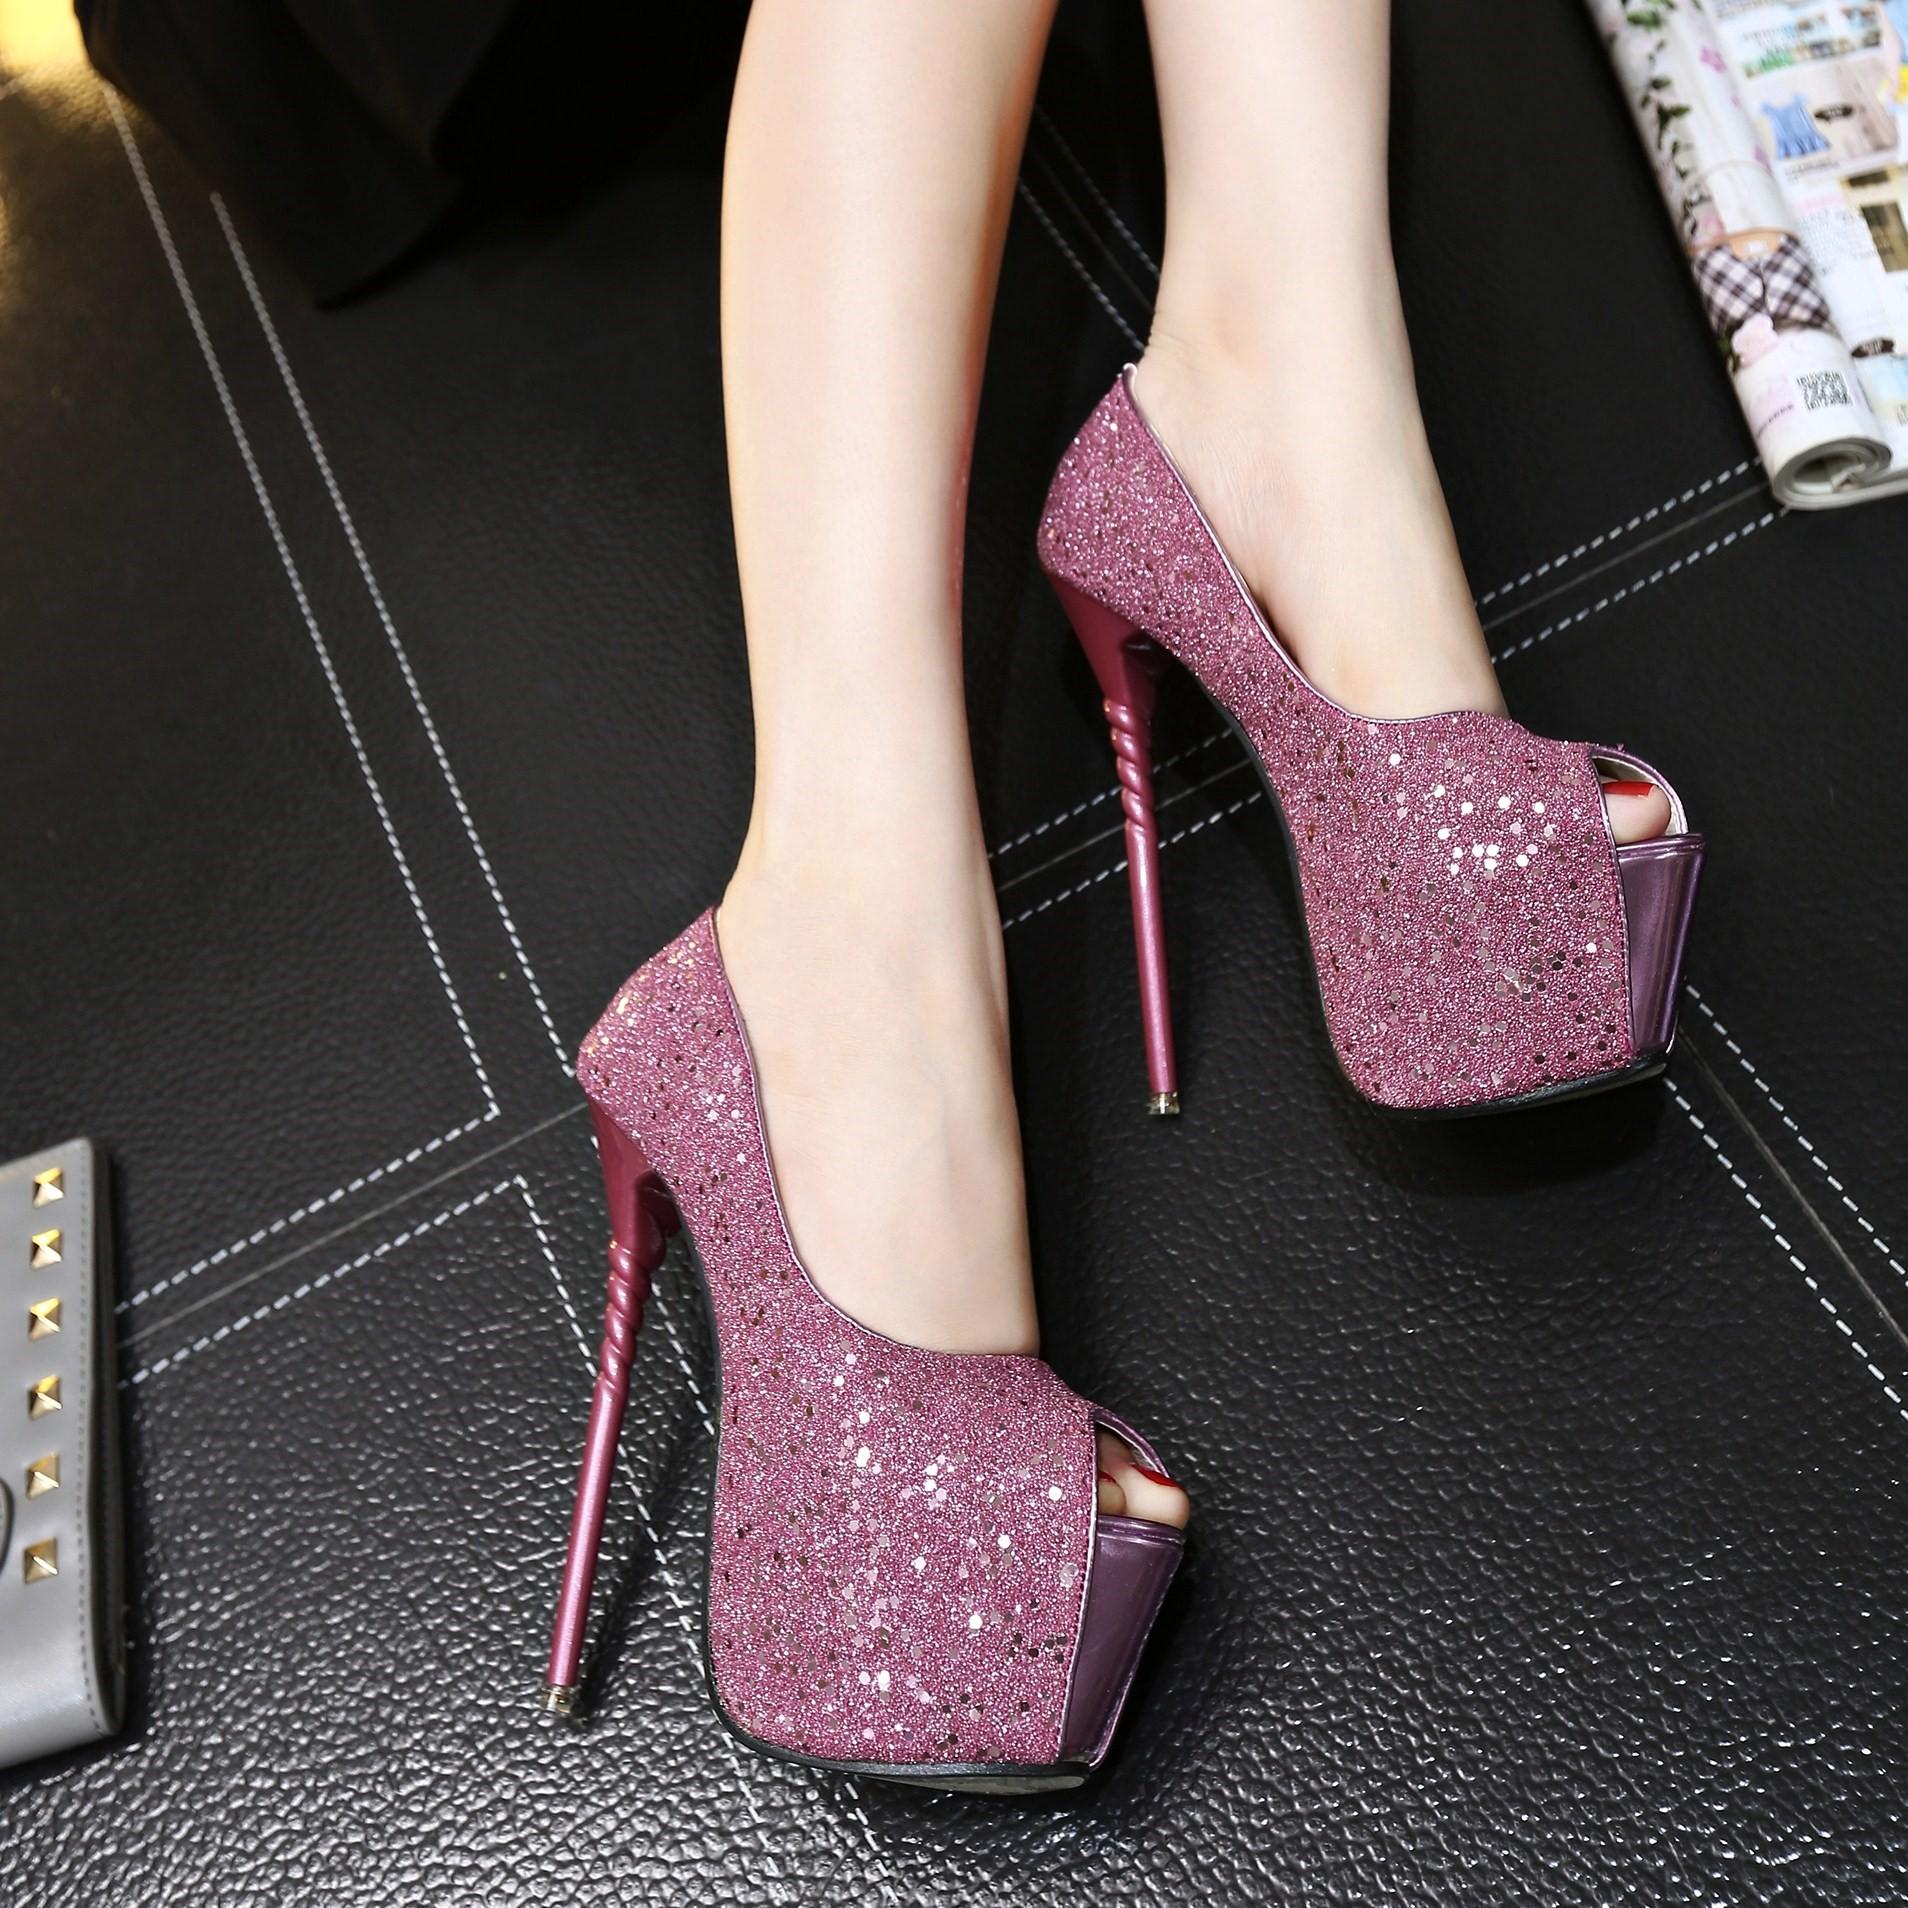 夜店性感高跟鞋 新上市17cm高跟鞋细跟性感夜店浅口粉色闪亮片18cm16cm20cm_推荐淘宝好看的夜店性感高跟鞋